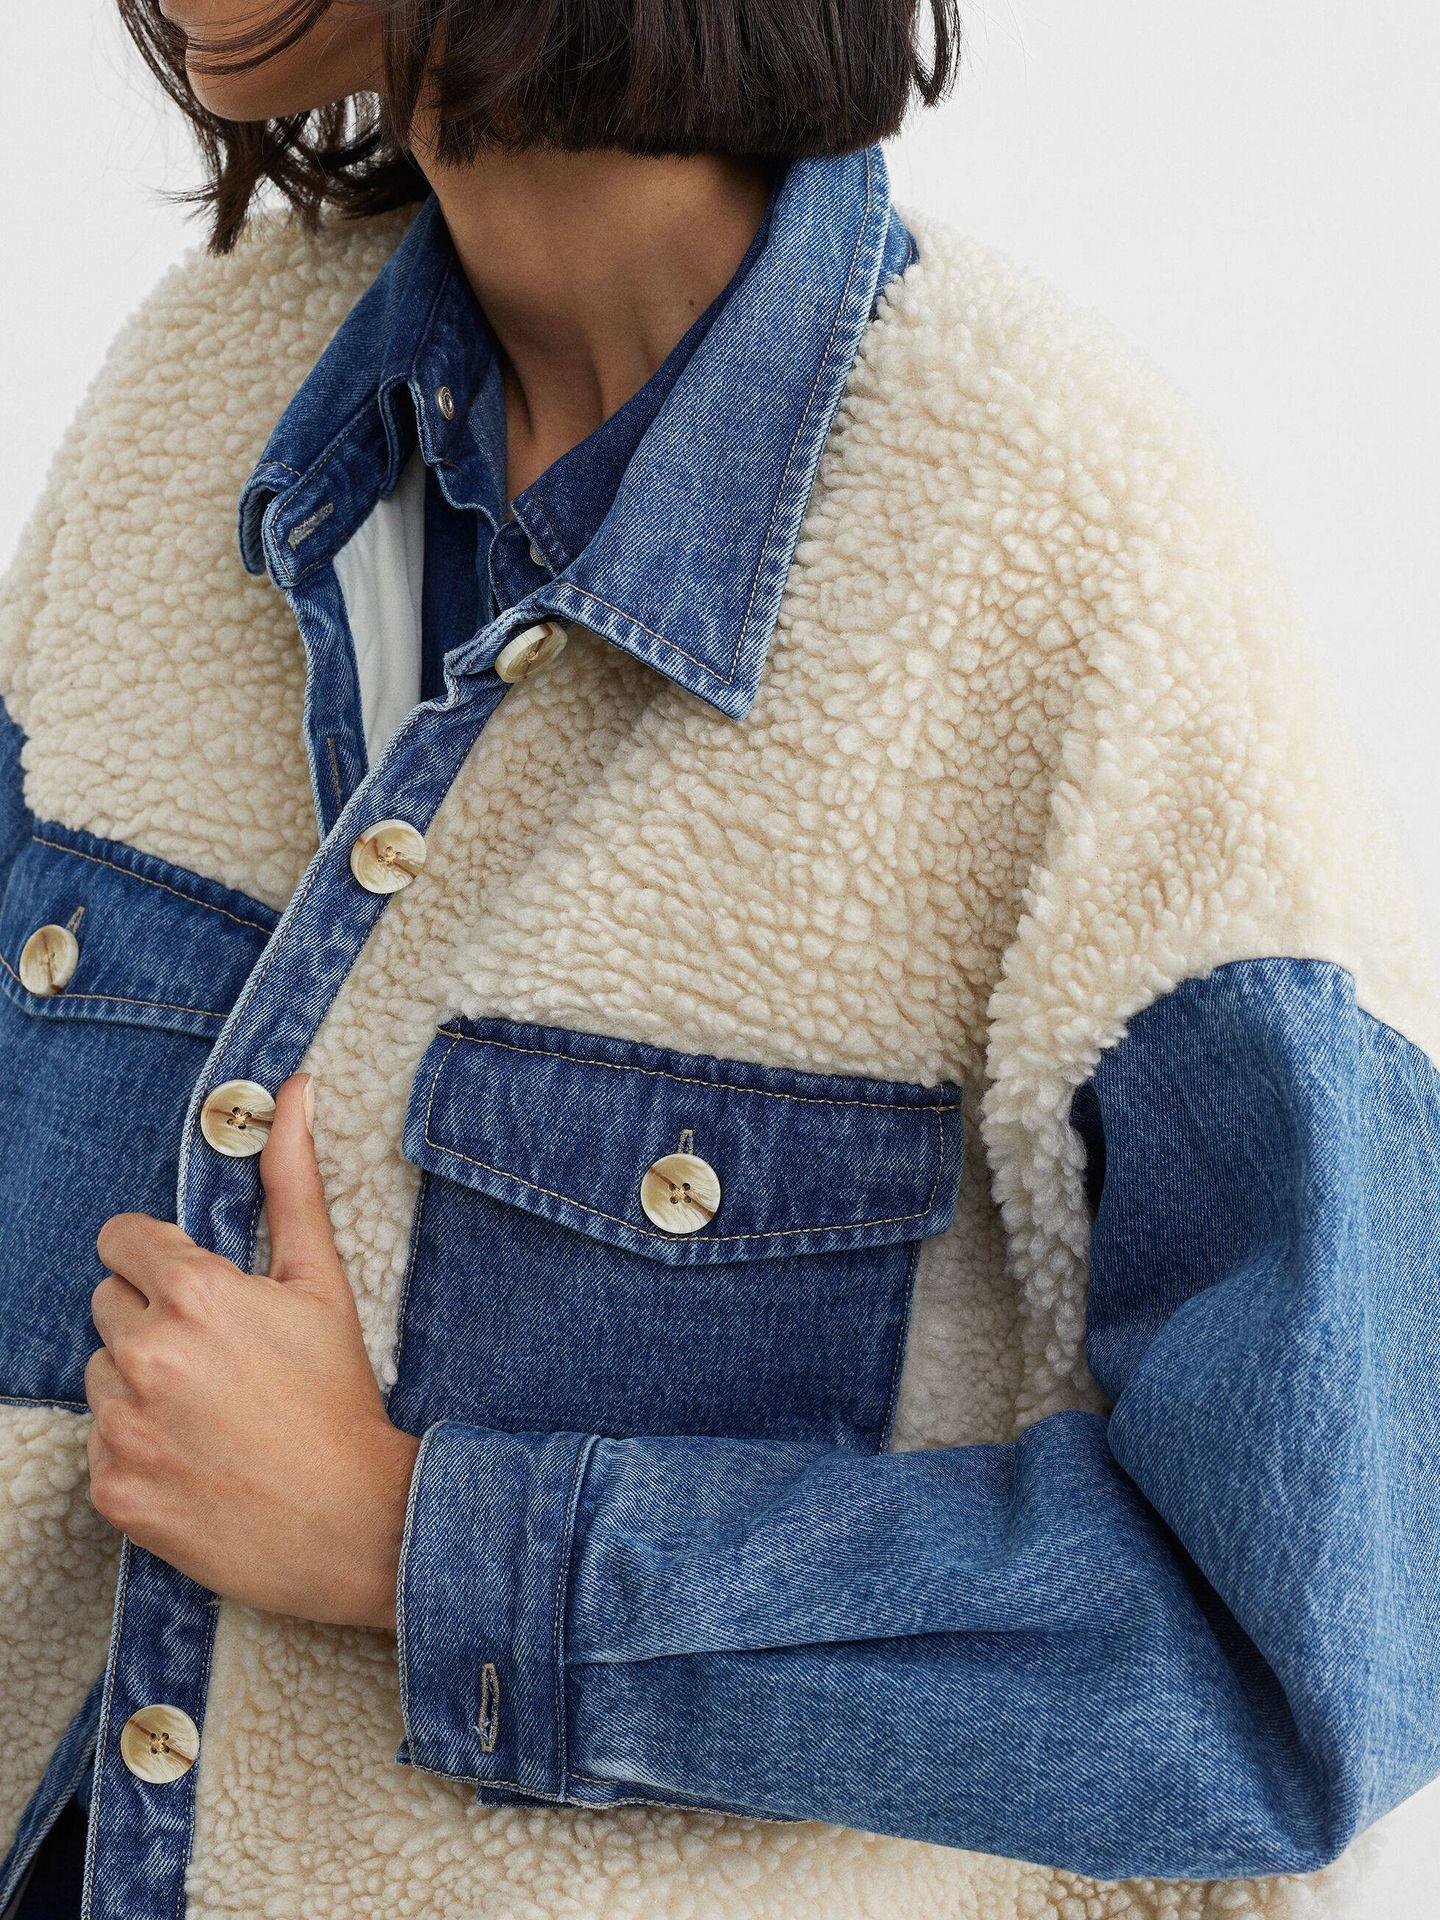 La chaqueta de Parfois. (Cortesía)